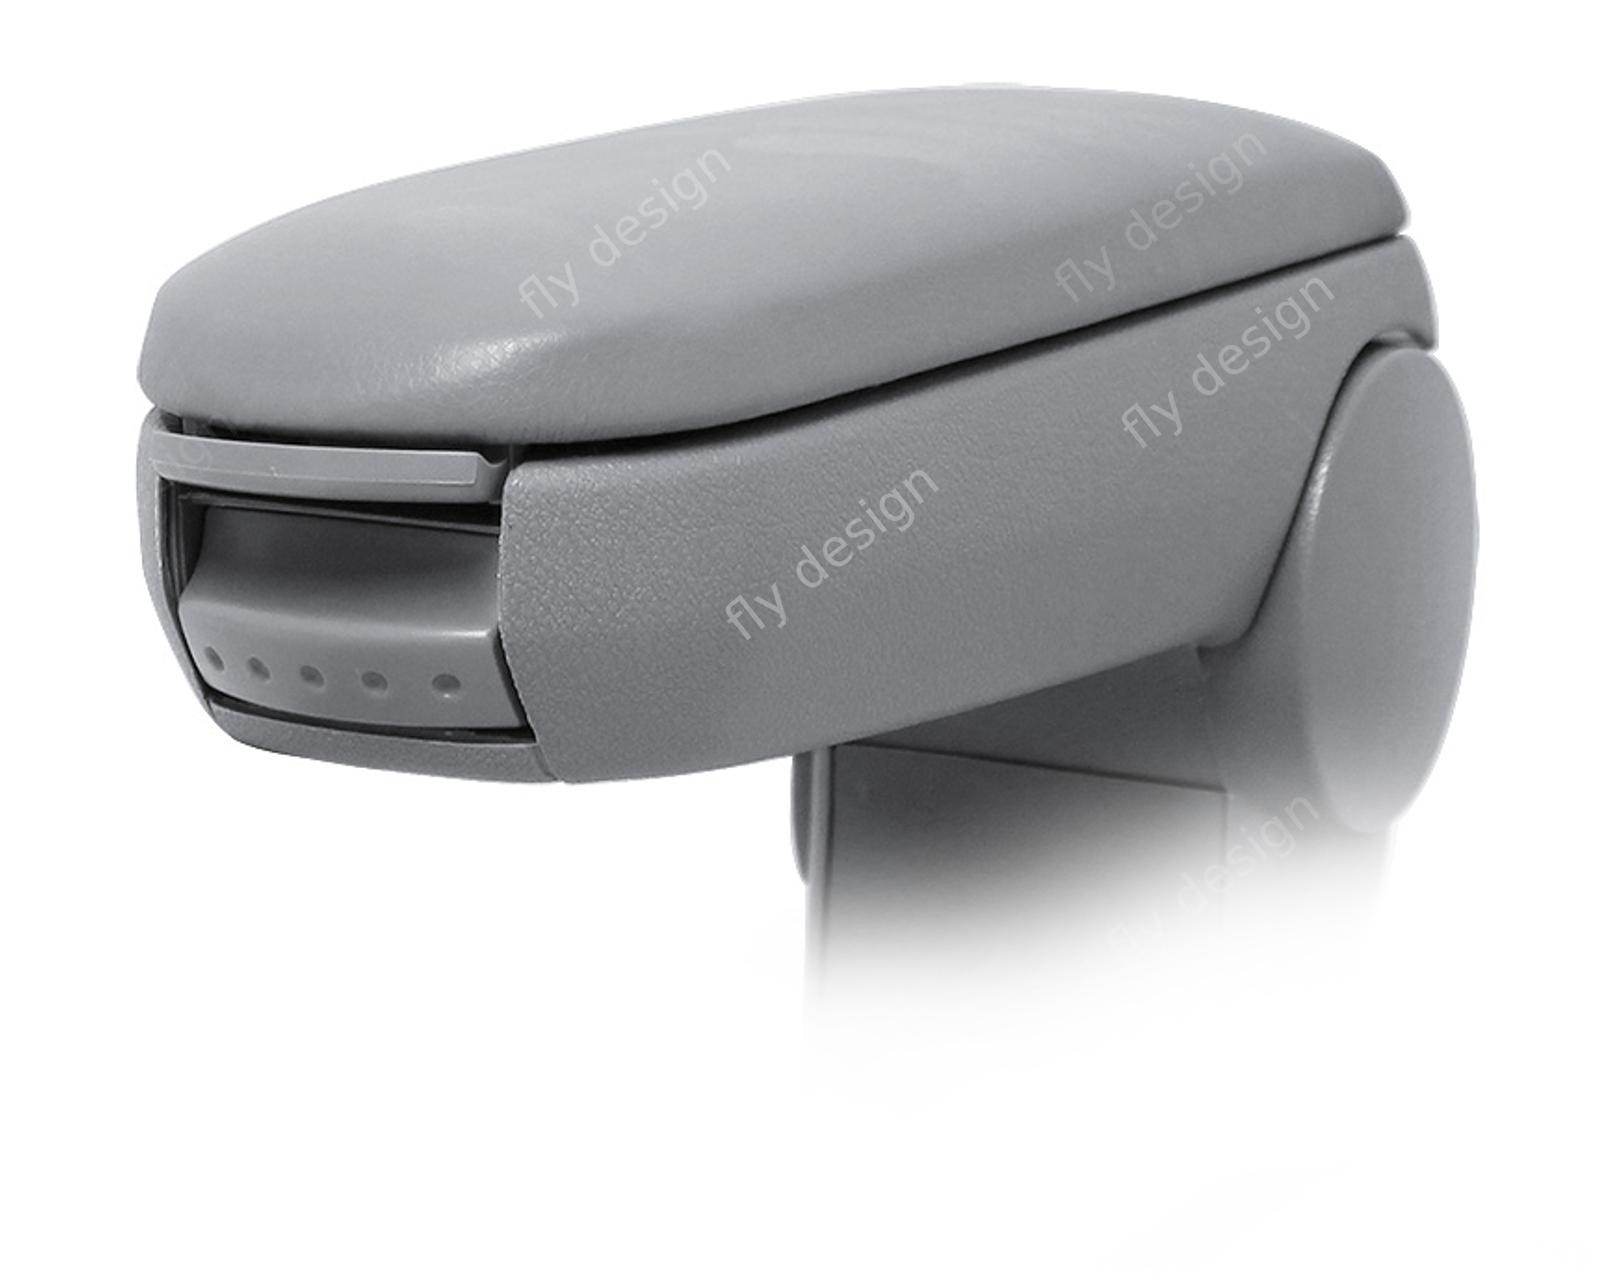 vw bora golf4 accoudoir central fois bras reste cuir gris ebay. Black Bedroom Furniture Sets. Home Design Ideas